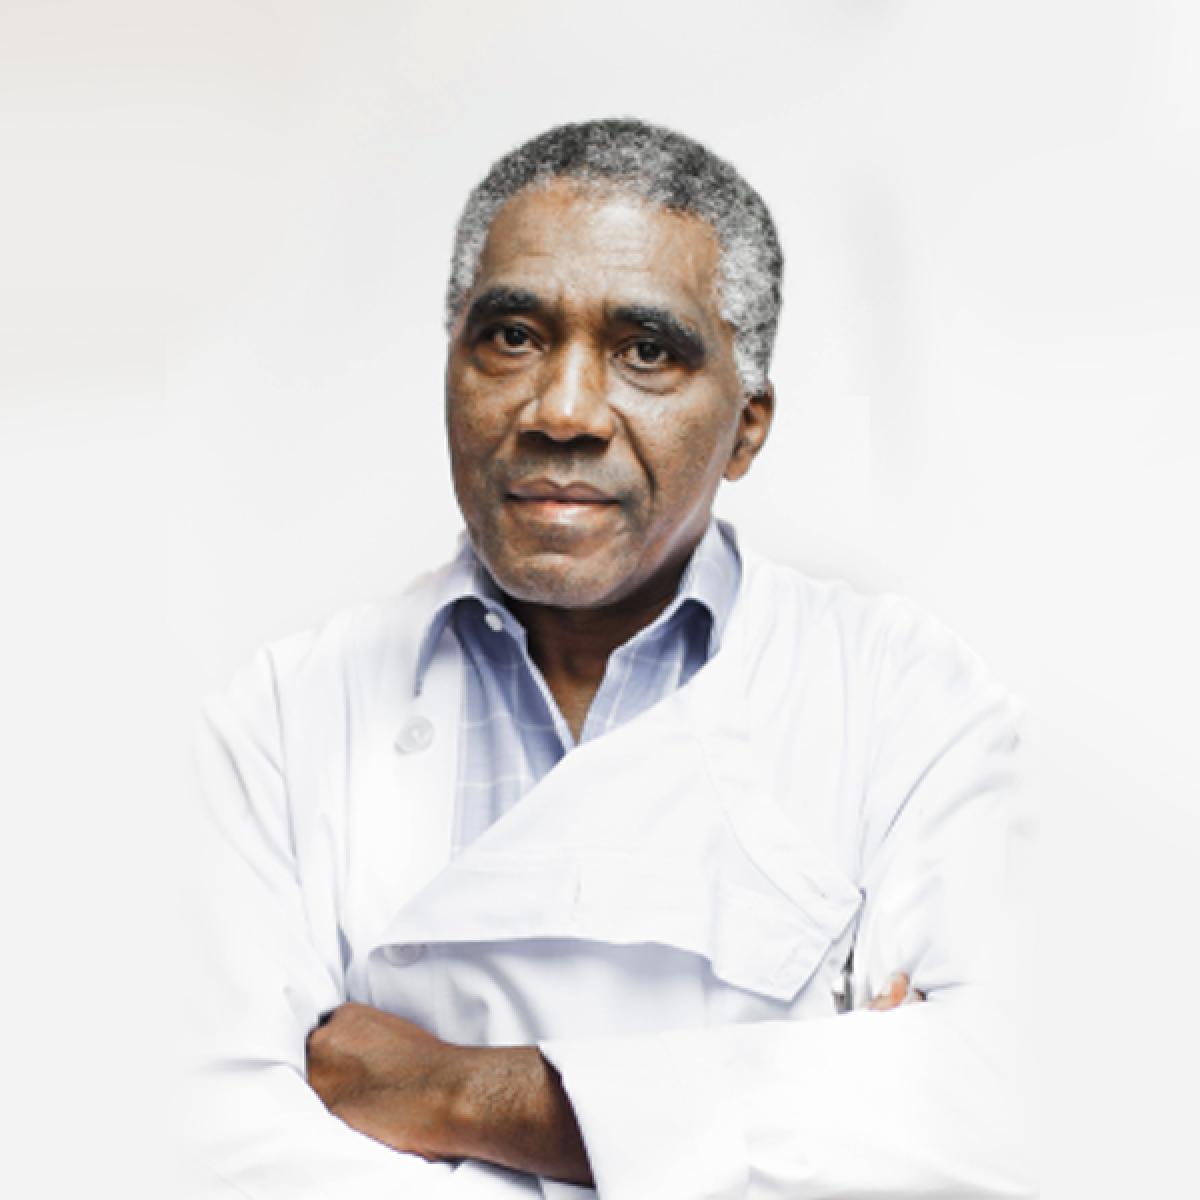 Dr. José Duarte